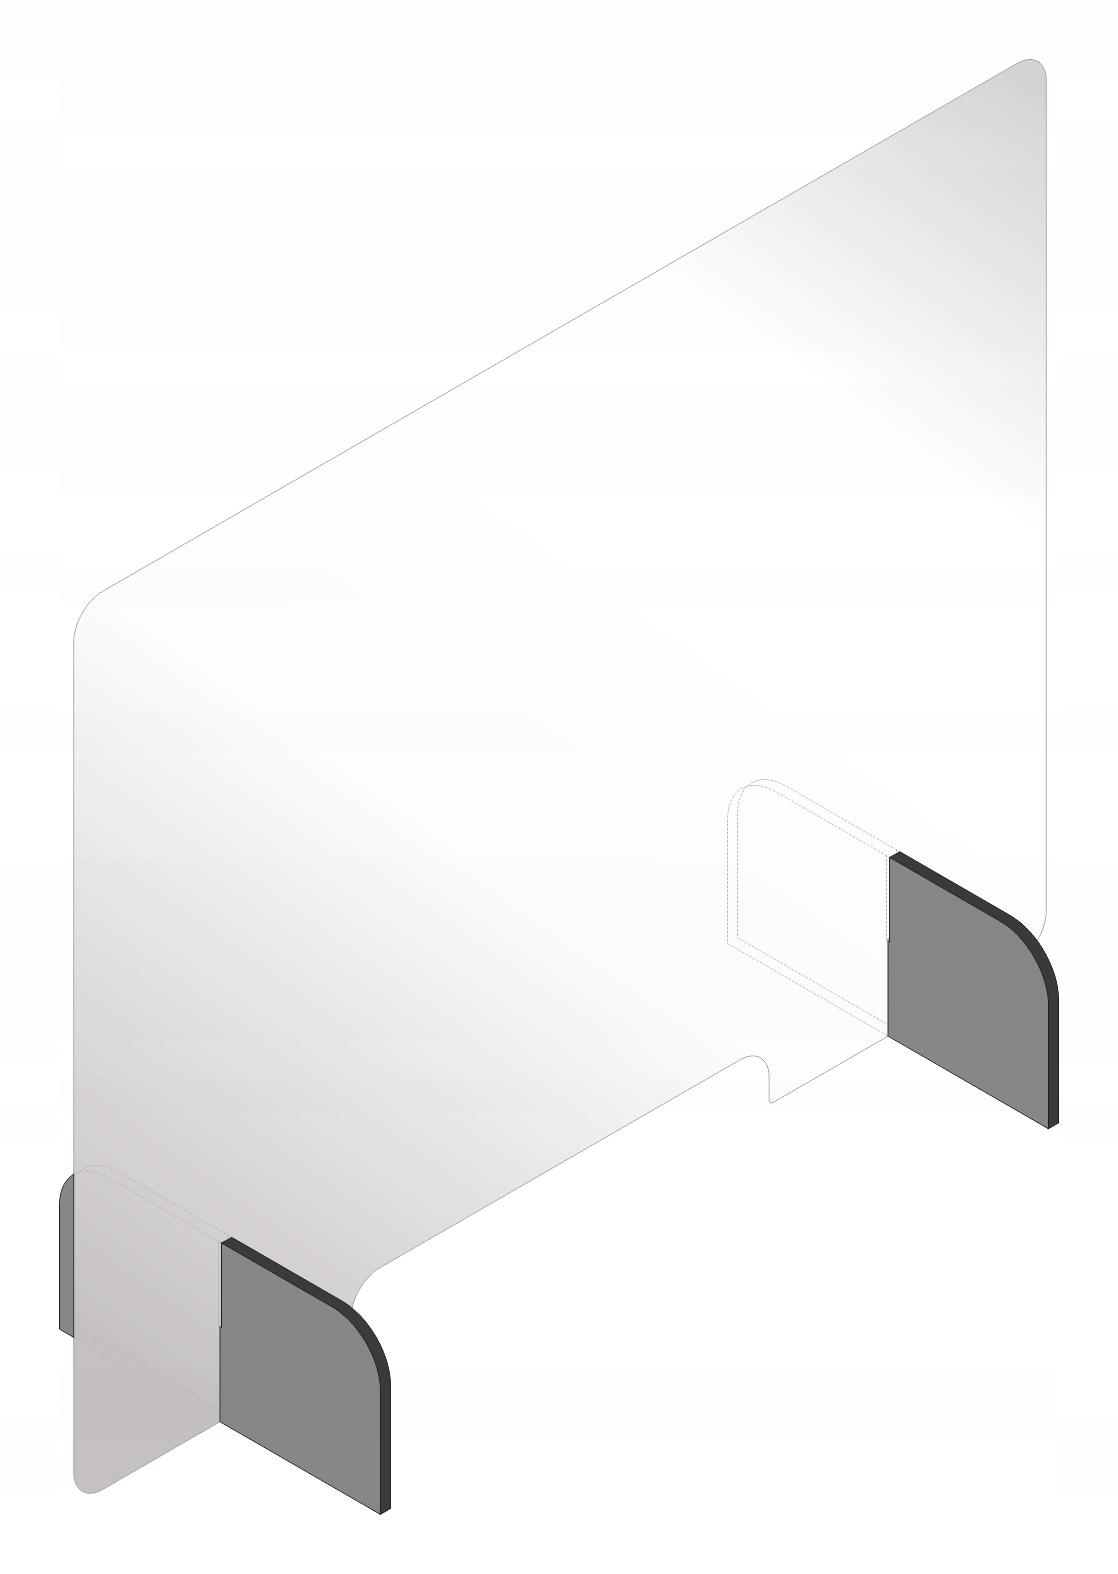 Крышка из плексигласа, защитное стекло, рабочий стол 100x75 + FREE